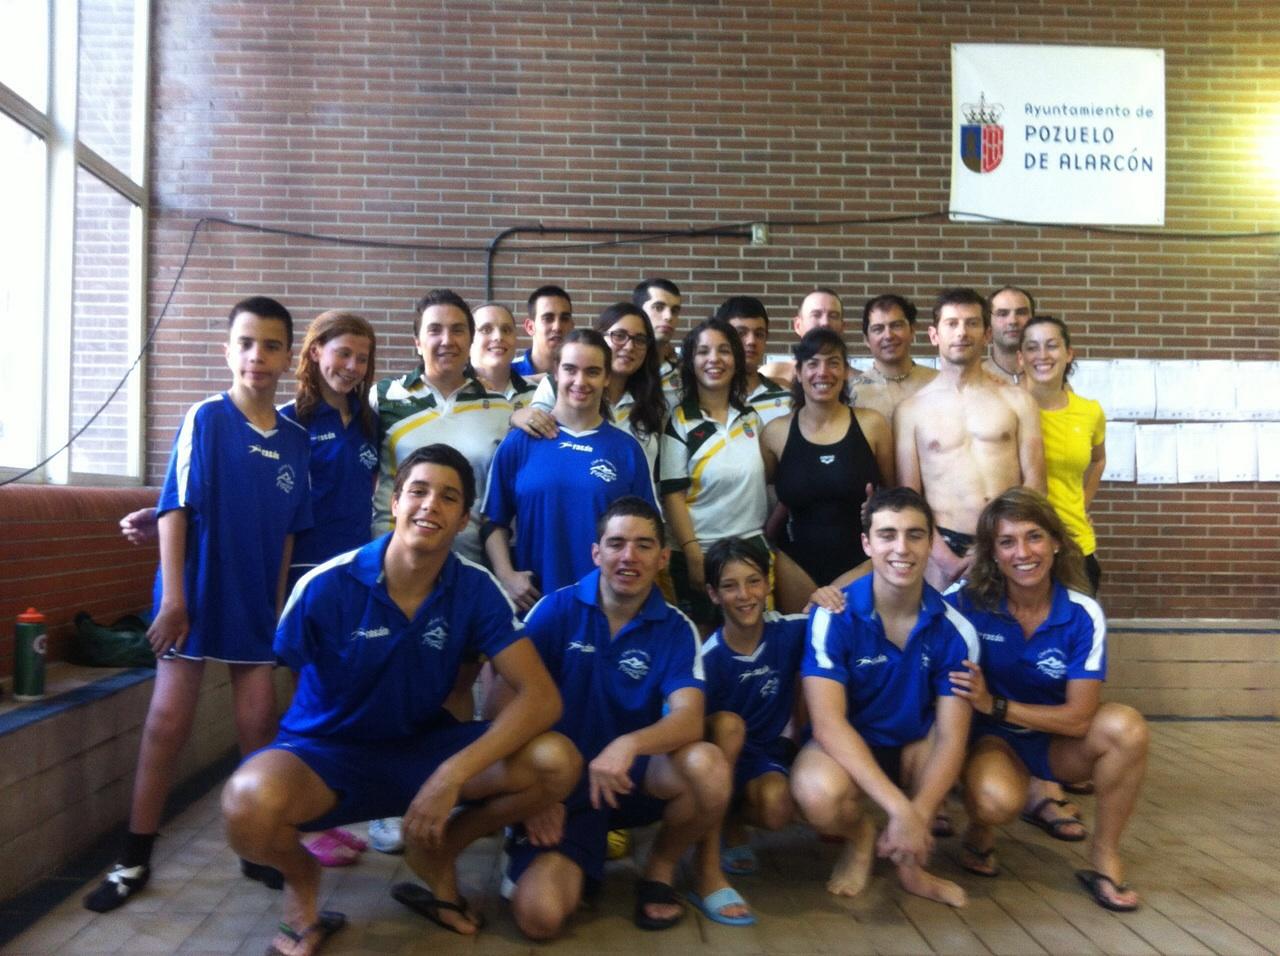 Medallero y resultados de los nadadores madrileños en el III Trofeo Ciudad de Pozuelo de Alarcón de natación adaptada